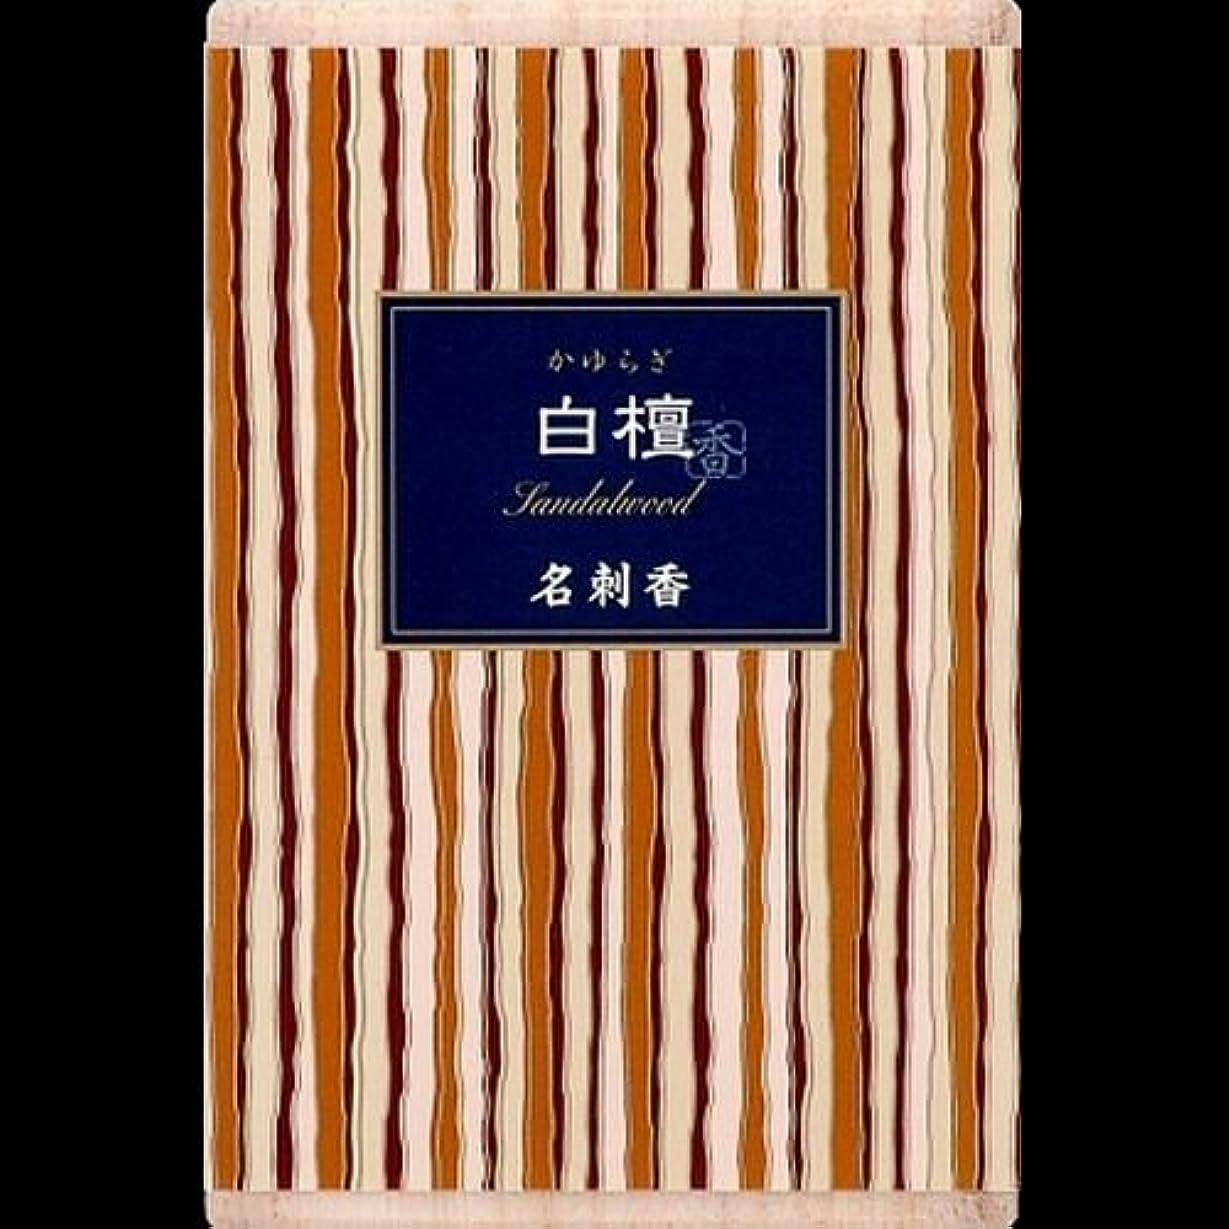 雄弁家銅の頭の上【まとめ買い】かゆらぎ 白檀 名刺香 桐箱 6入 ×2セット